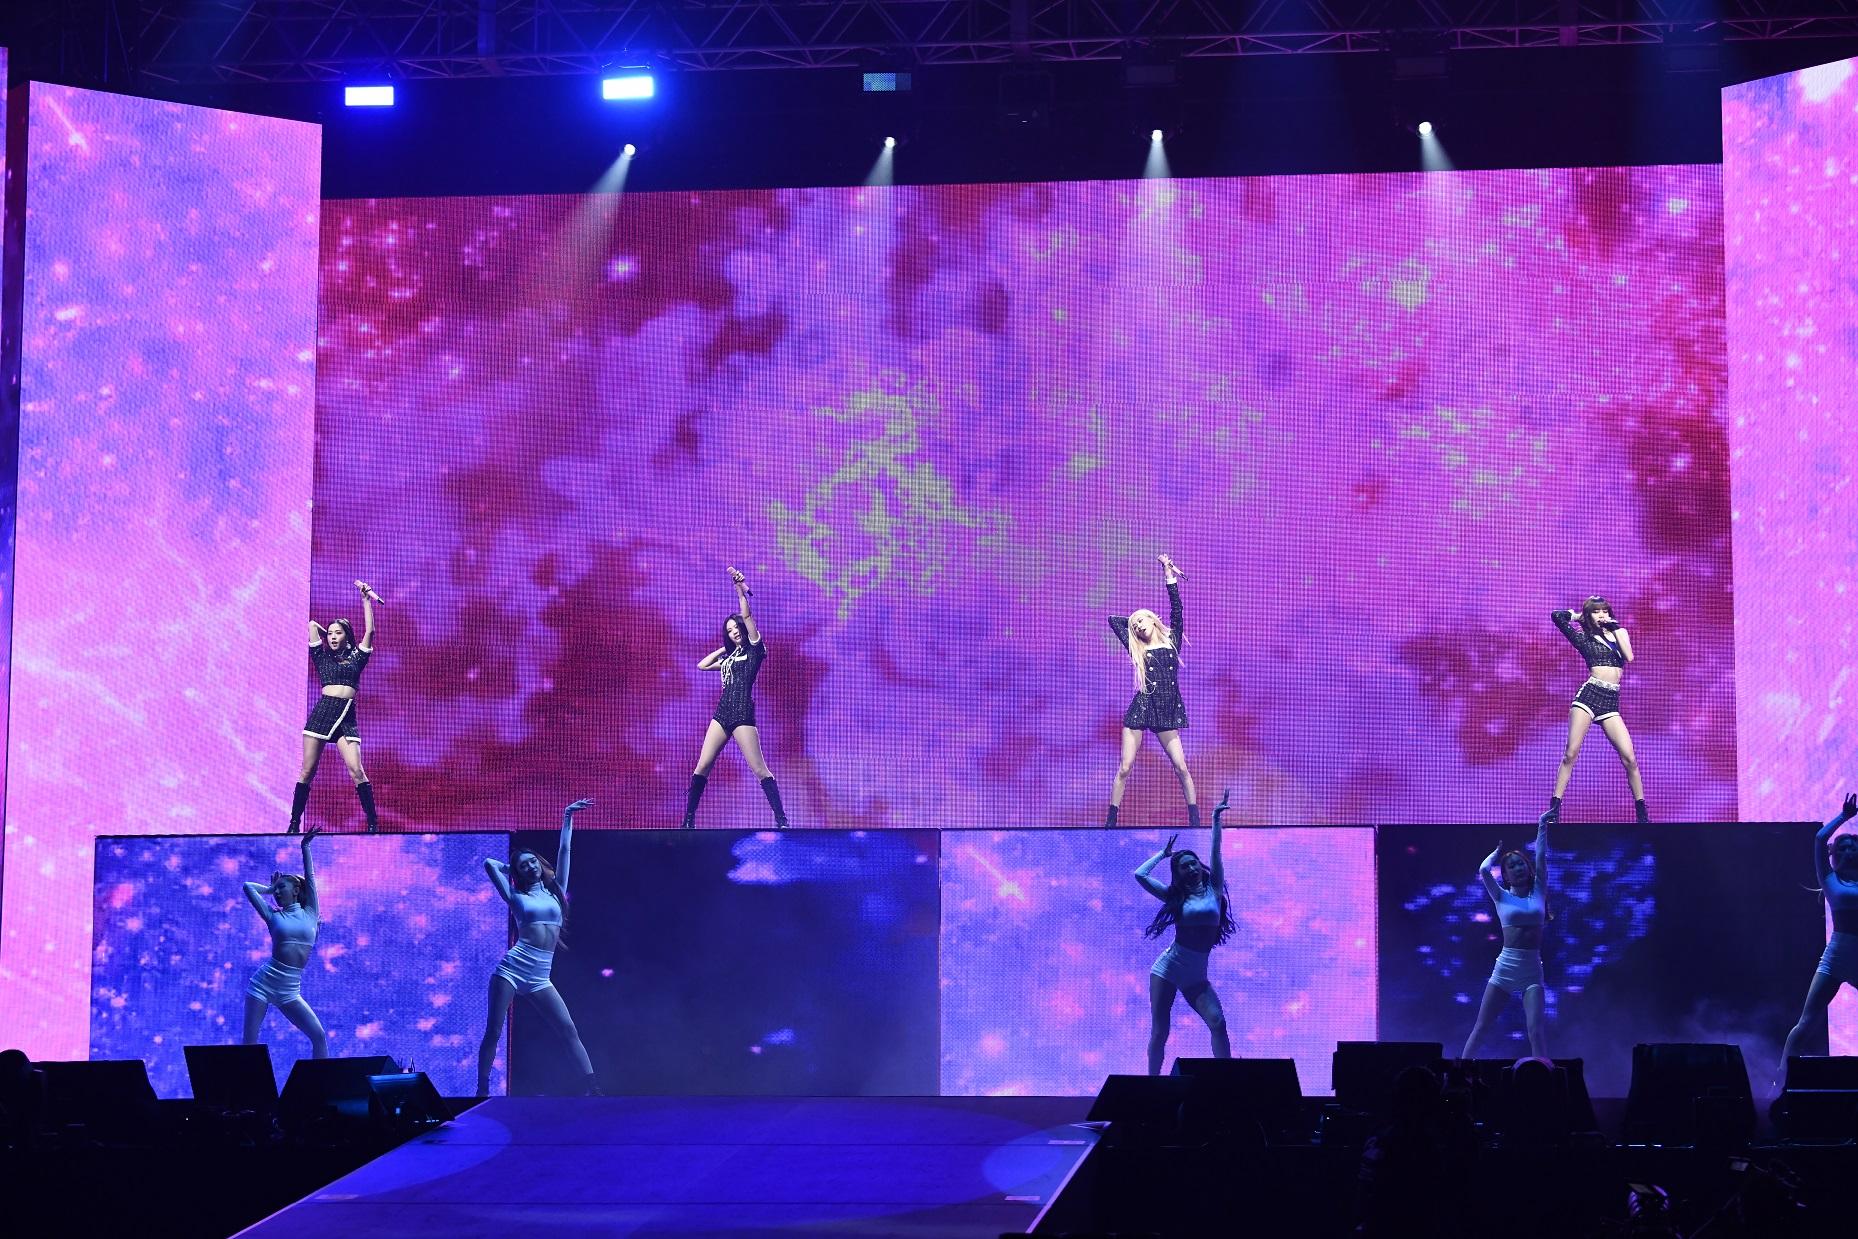 【BLACKPINKライブレポート】BLACKPINK旋風が東京ドームに到来! 世界レベルのパフォーマンスに力をもらう_2_4